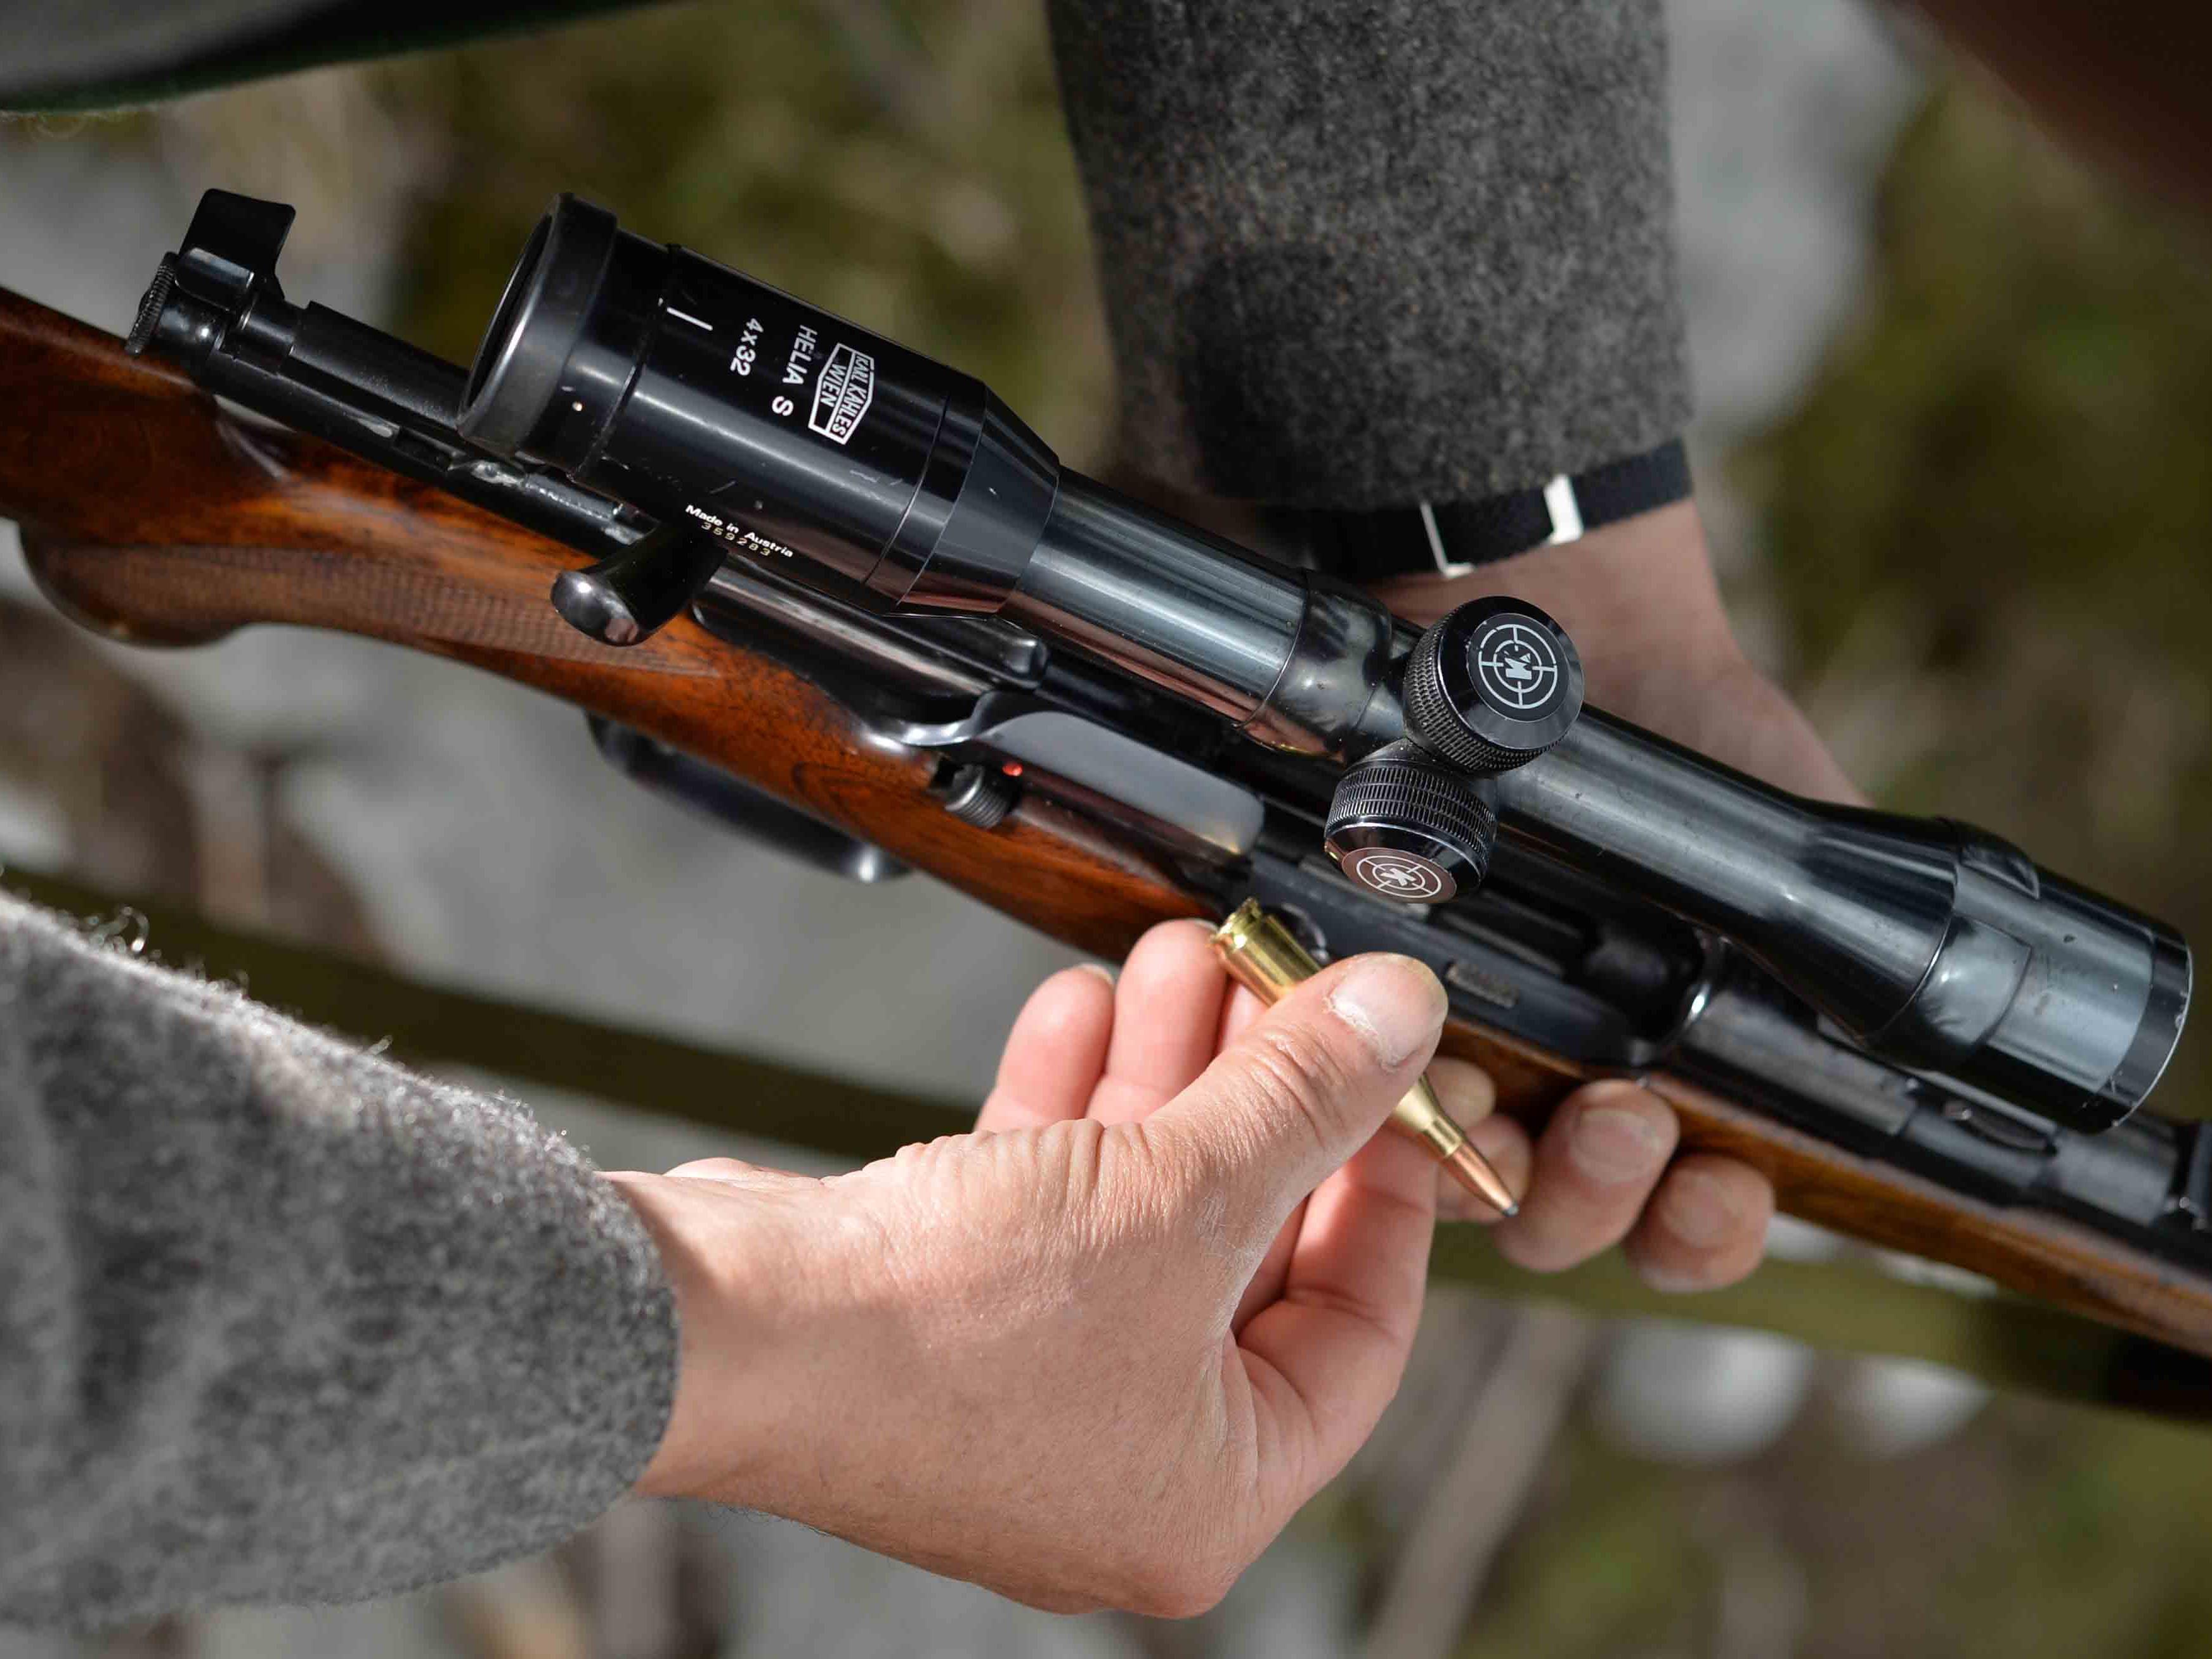 Knapp 65.000 zusätzliche Waffen registriert.